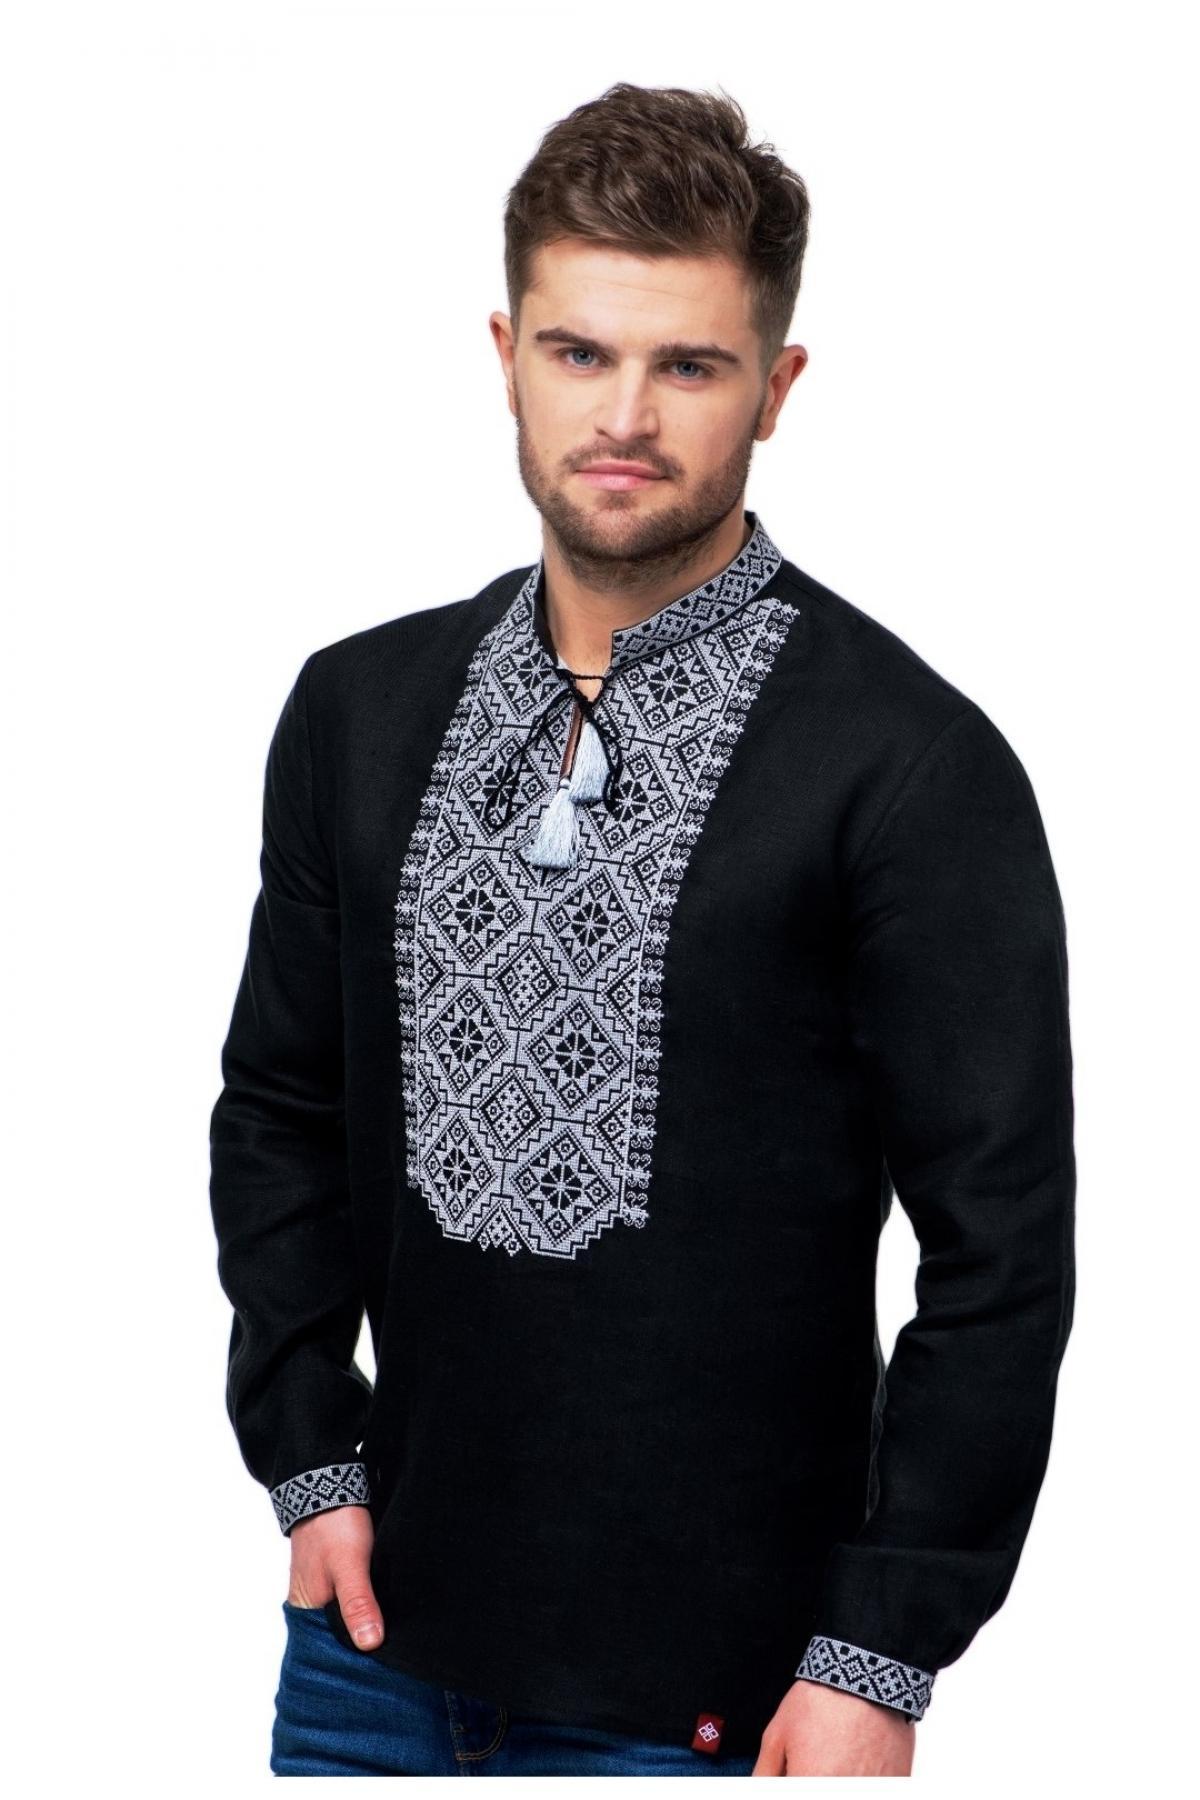 Черная льняная мужская вышиванка с серой вышивкой на груди, воротничках и манжетах. Фото №1. | Народный дом Украина